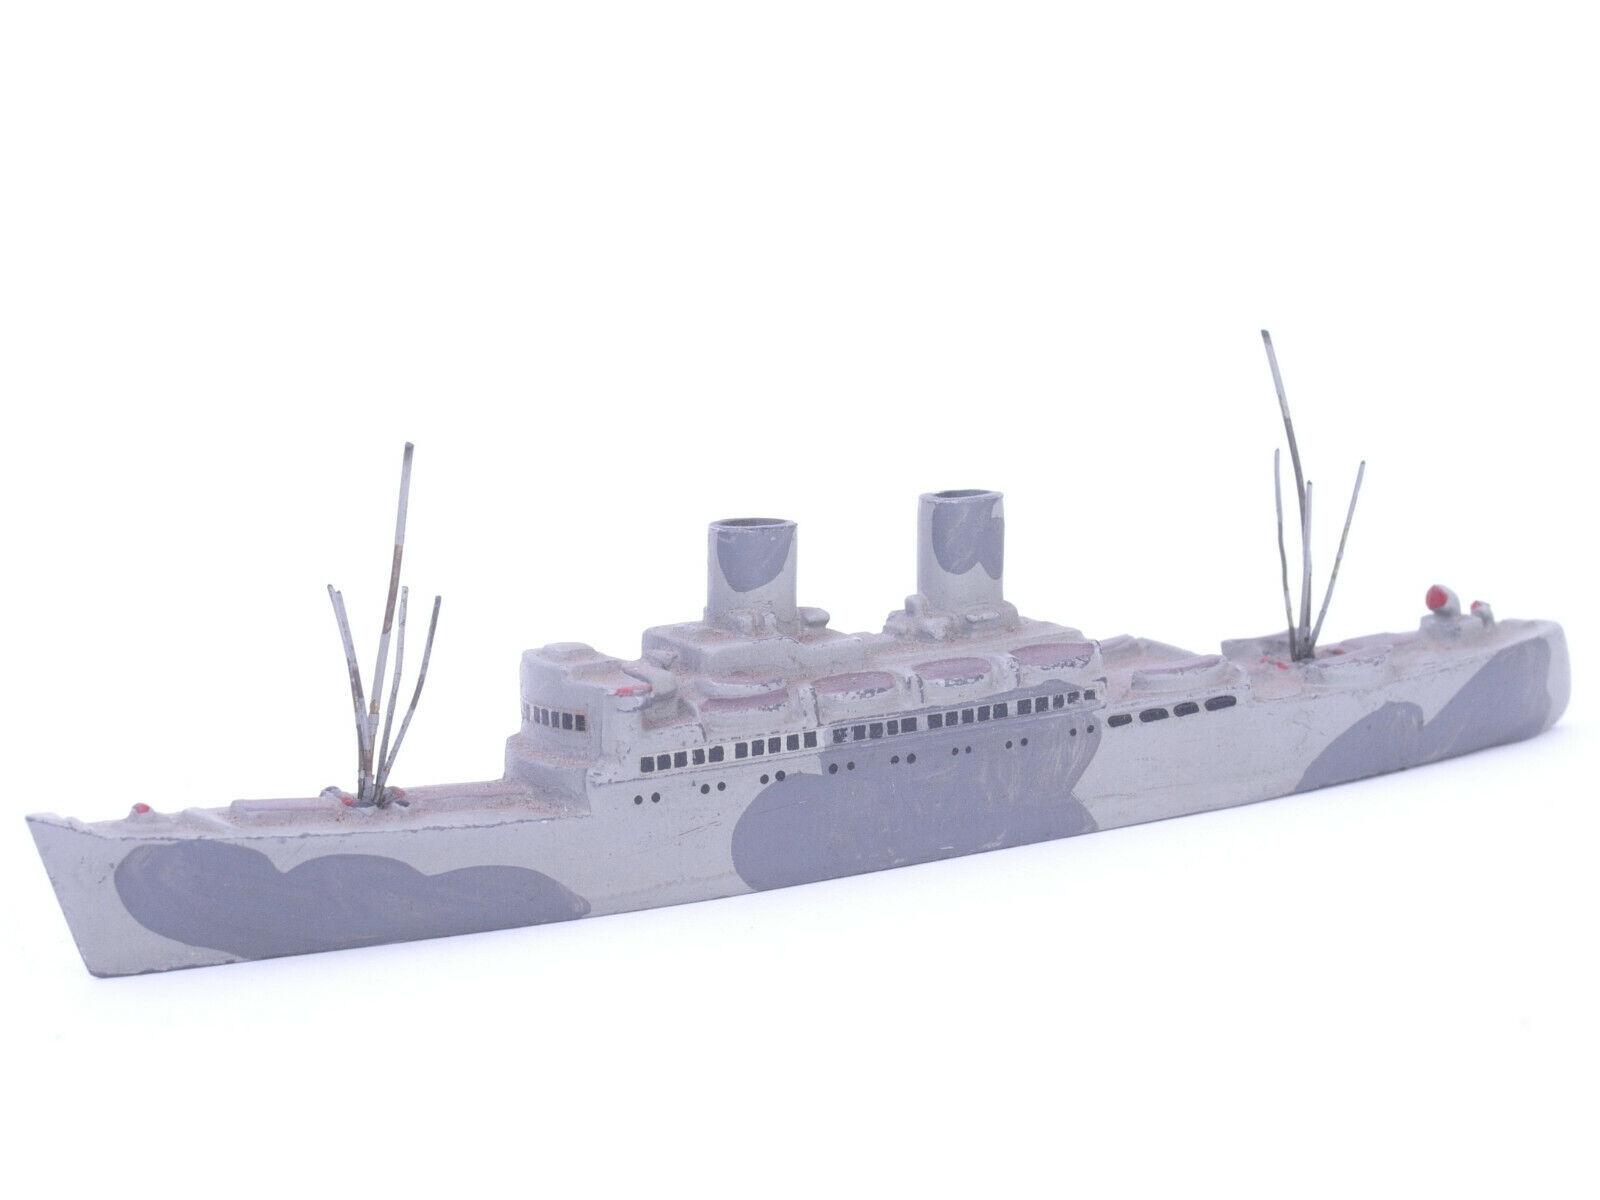 Wiking Modèle rapidement-des paquebots WINDHOEK Pretoria Camouflage Tempete